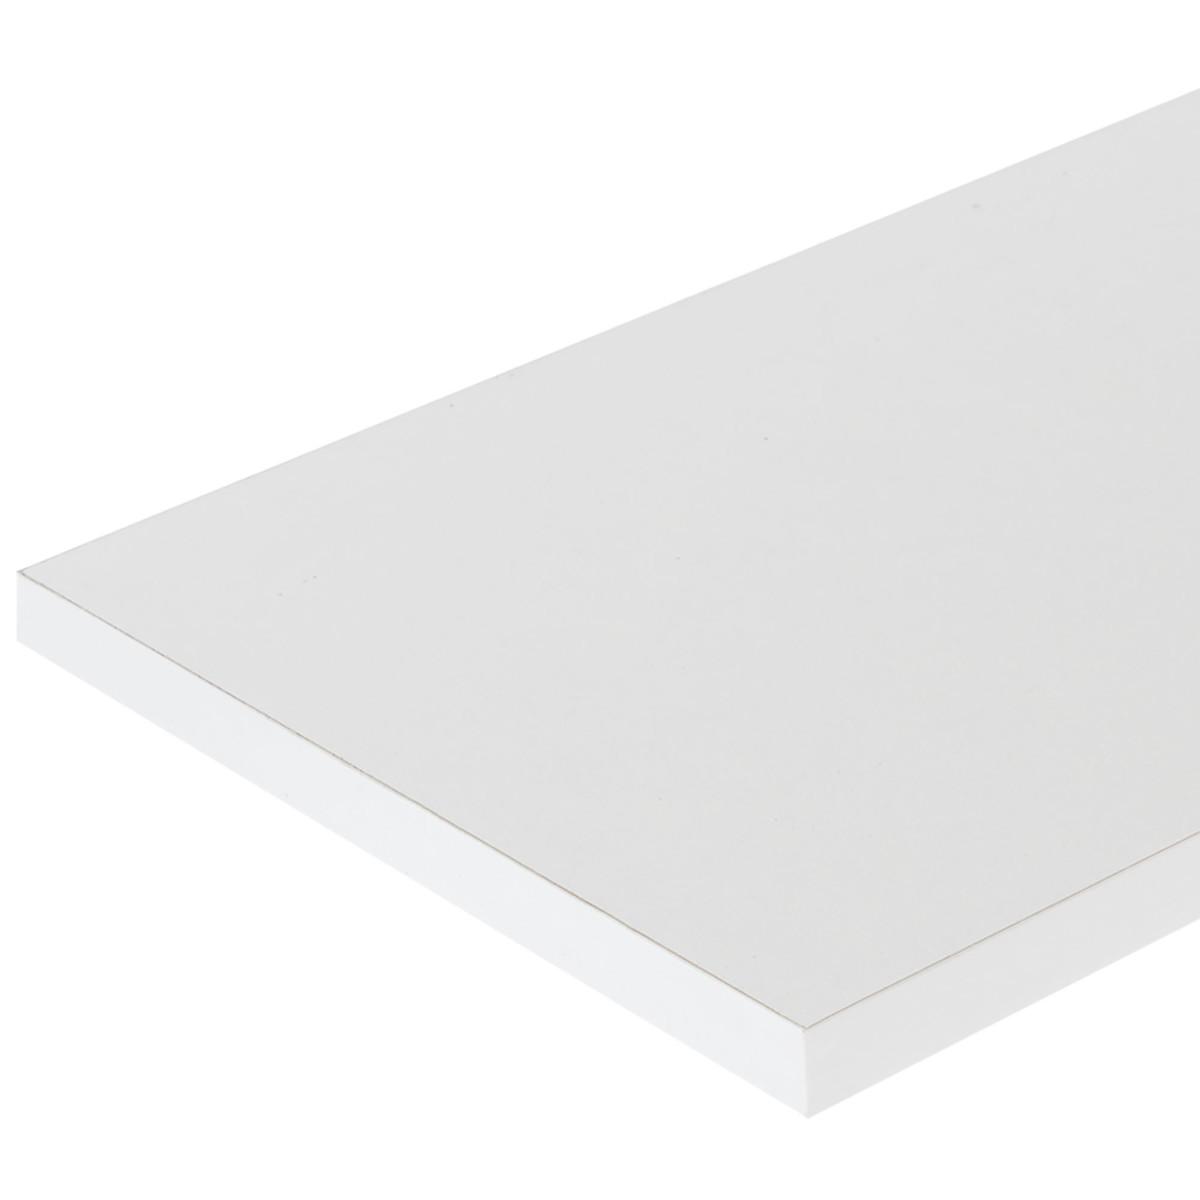 Деталь мебельная 2000x500x16 мм ЛДСП цвет белый премиум